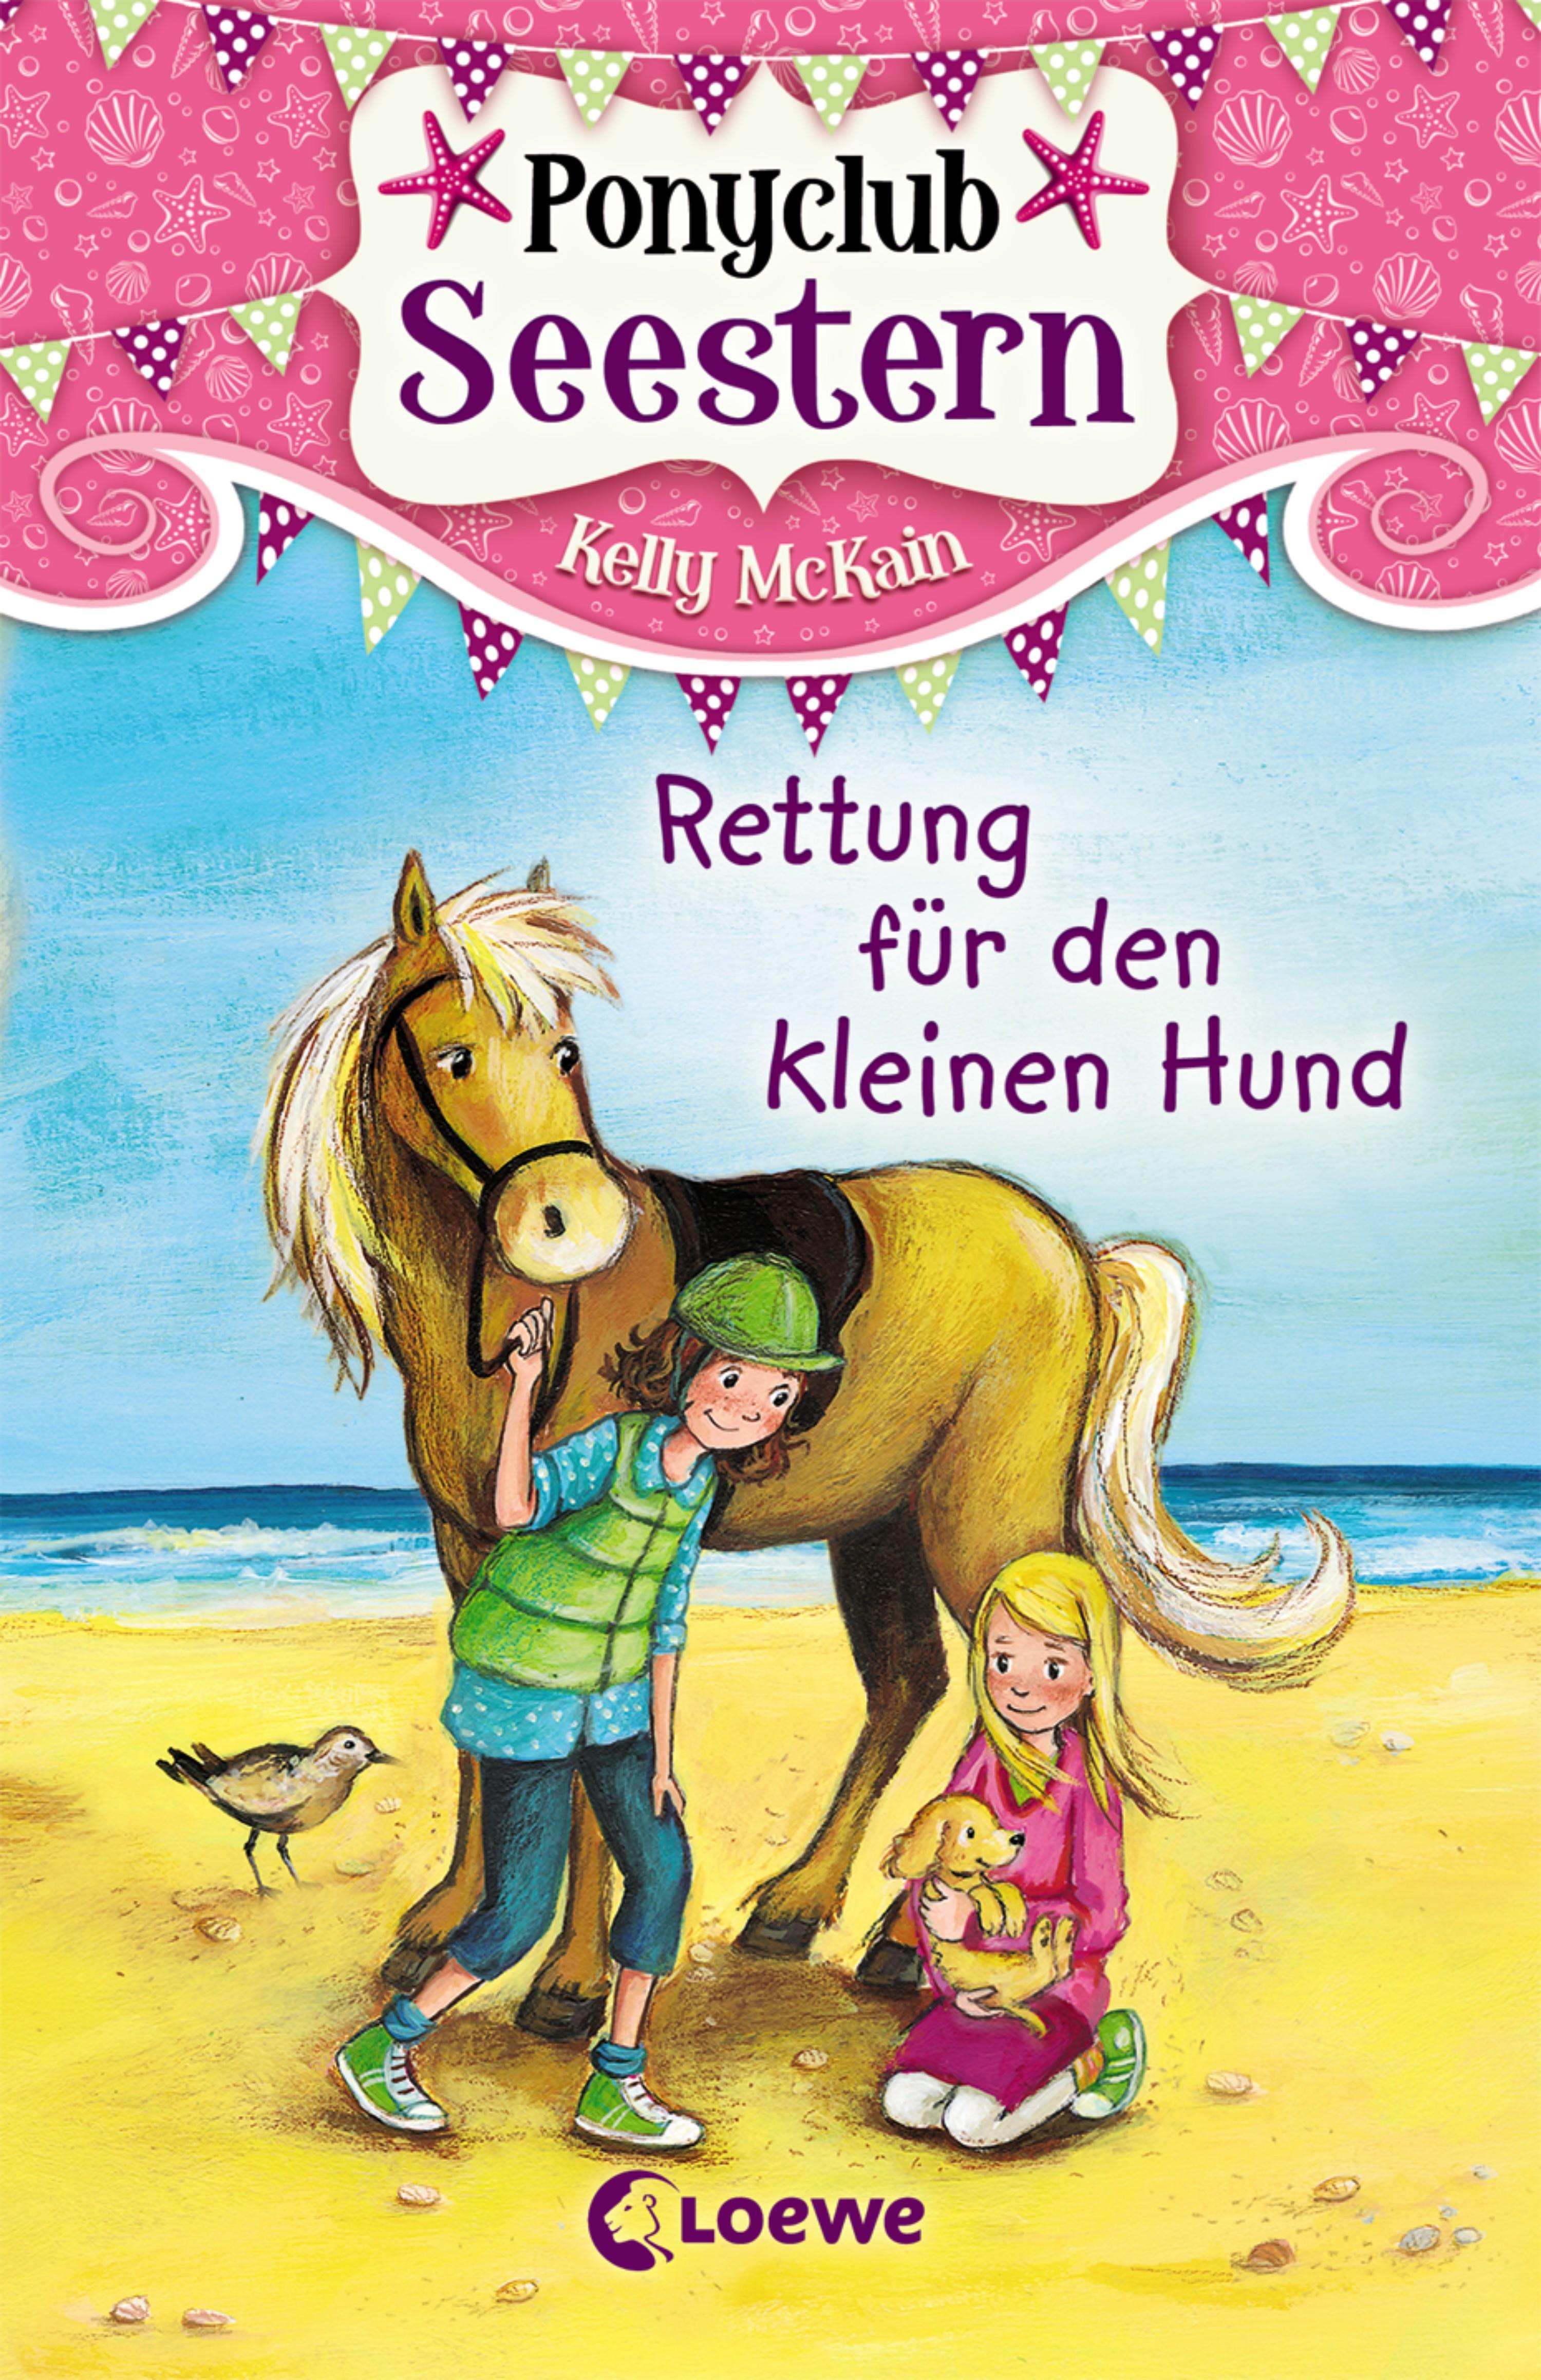 Kelly McKain Ponyclub Seestern 1 – Rettung für den kleinen Hund